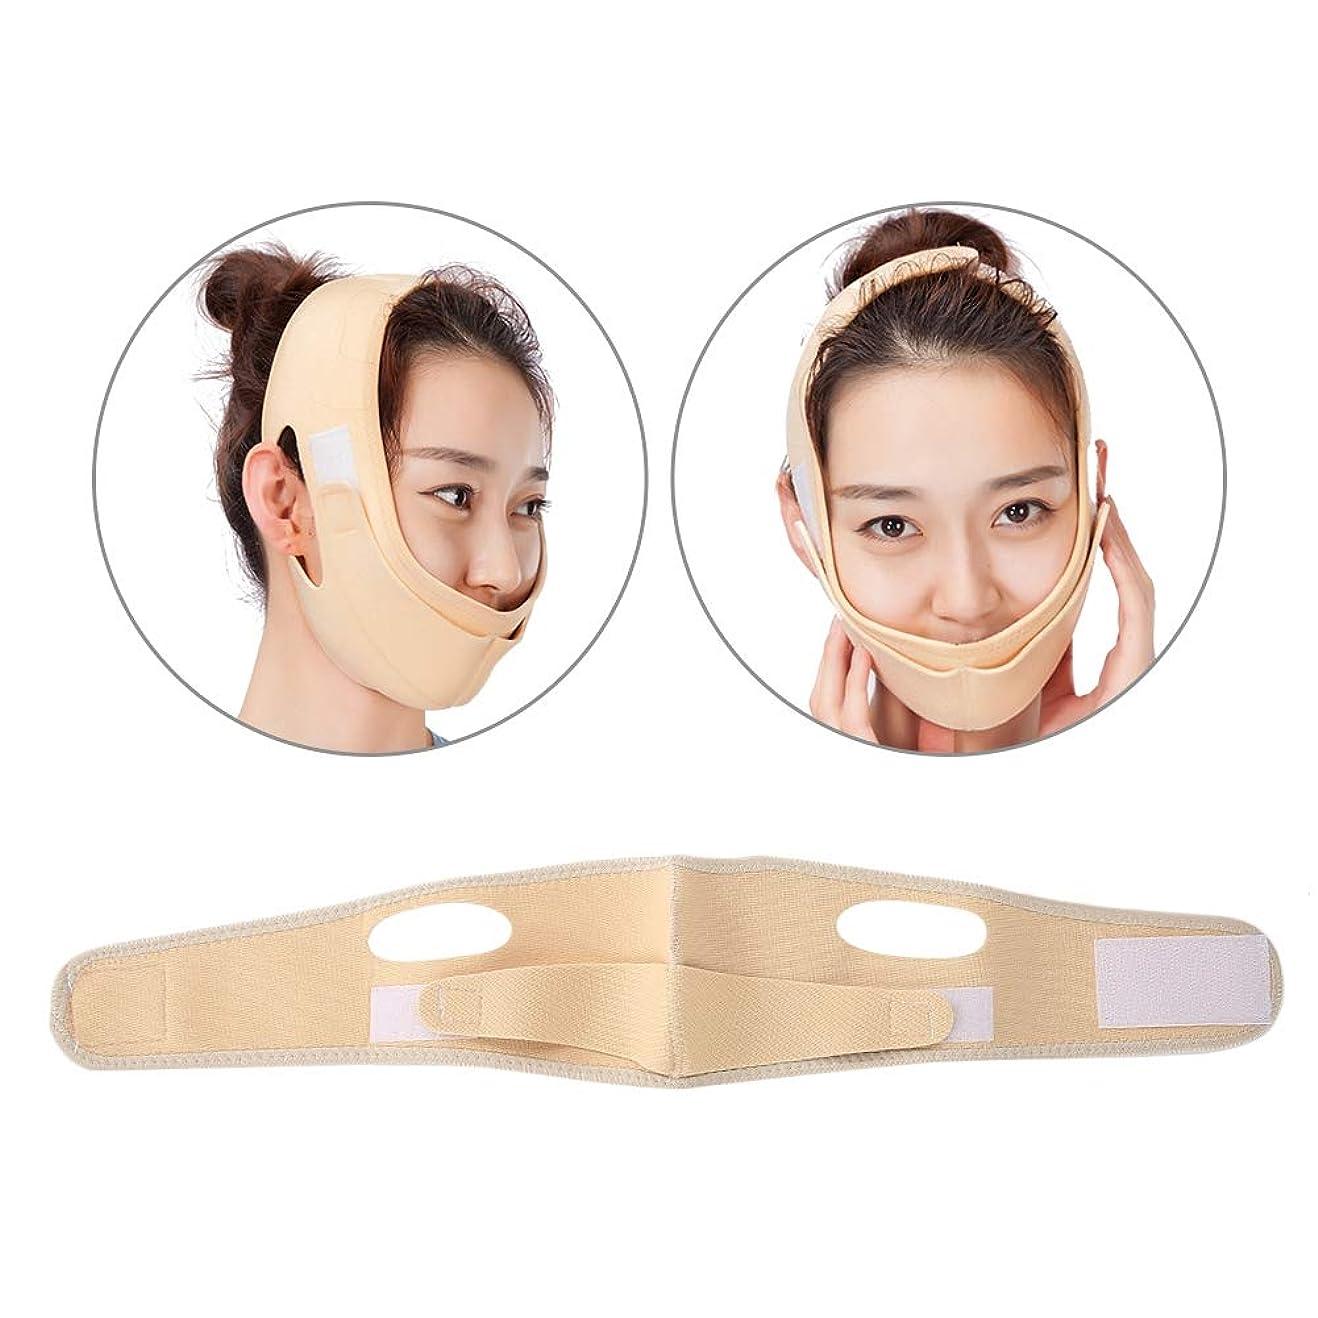 入る薬局タワーフェイスリフト用 フェイスマスク 顔輪郭を改善する 美容包帯 通気性/伸縮性/変形不可(01)